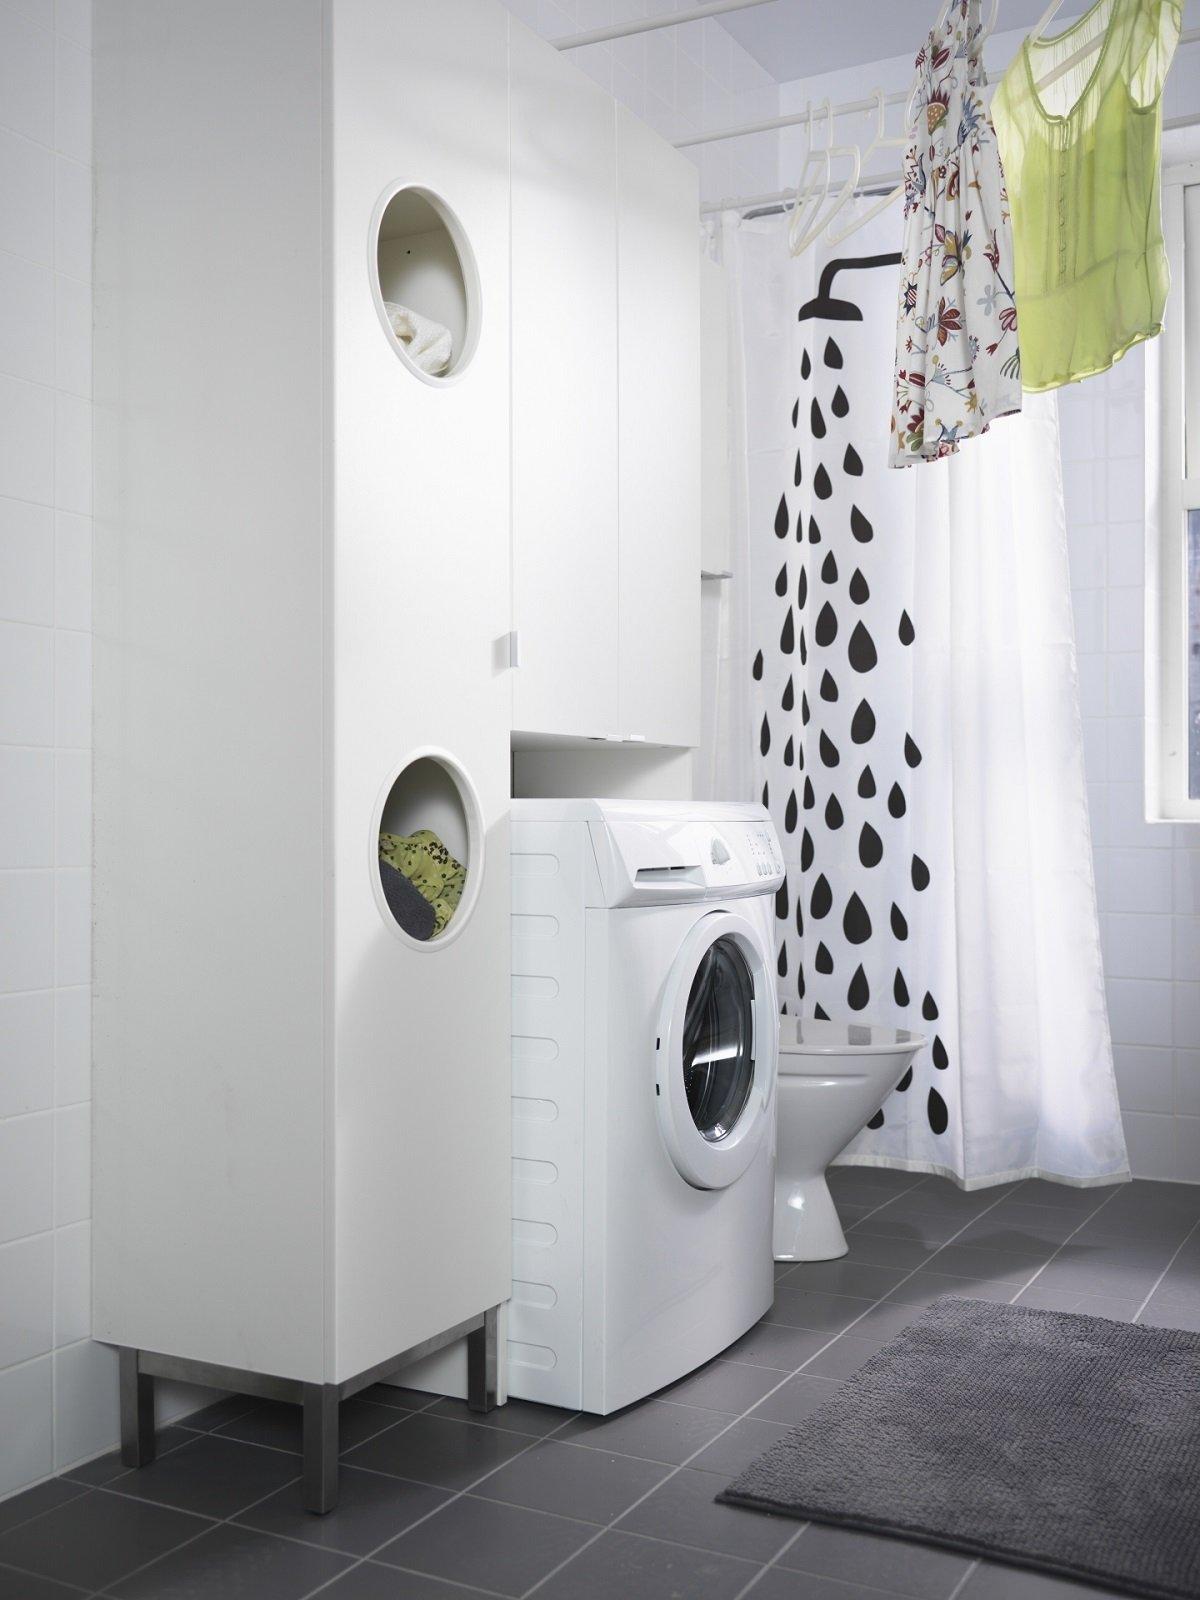 Lavanderia in bagno cose di casa - Mobile lavatrice asciugatrice ikea ...